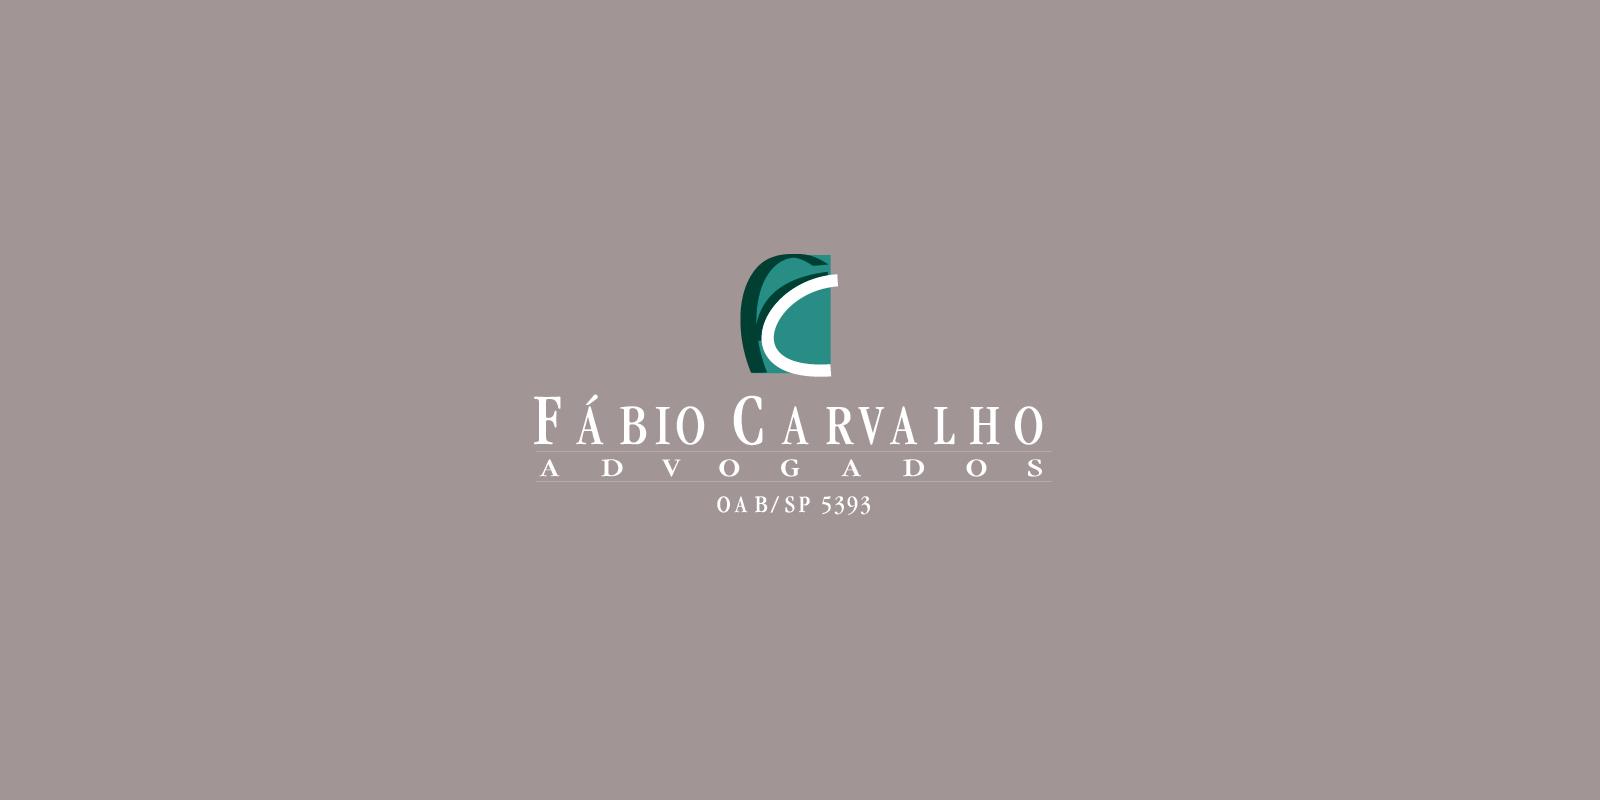 Fábio Carvalho Advogados